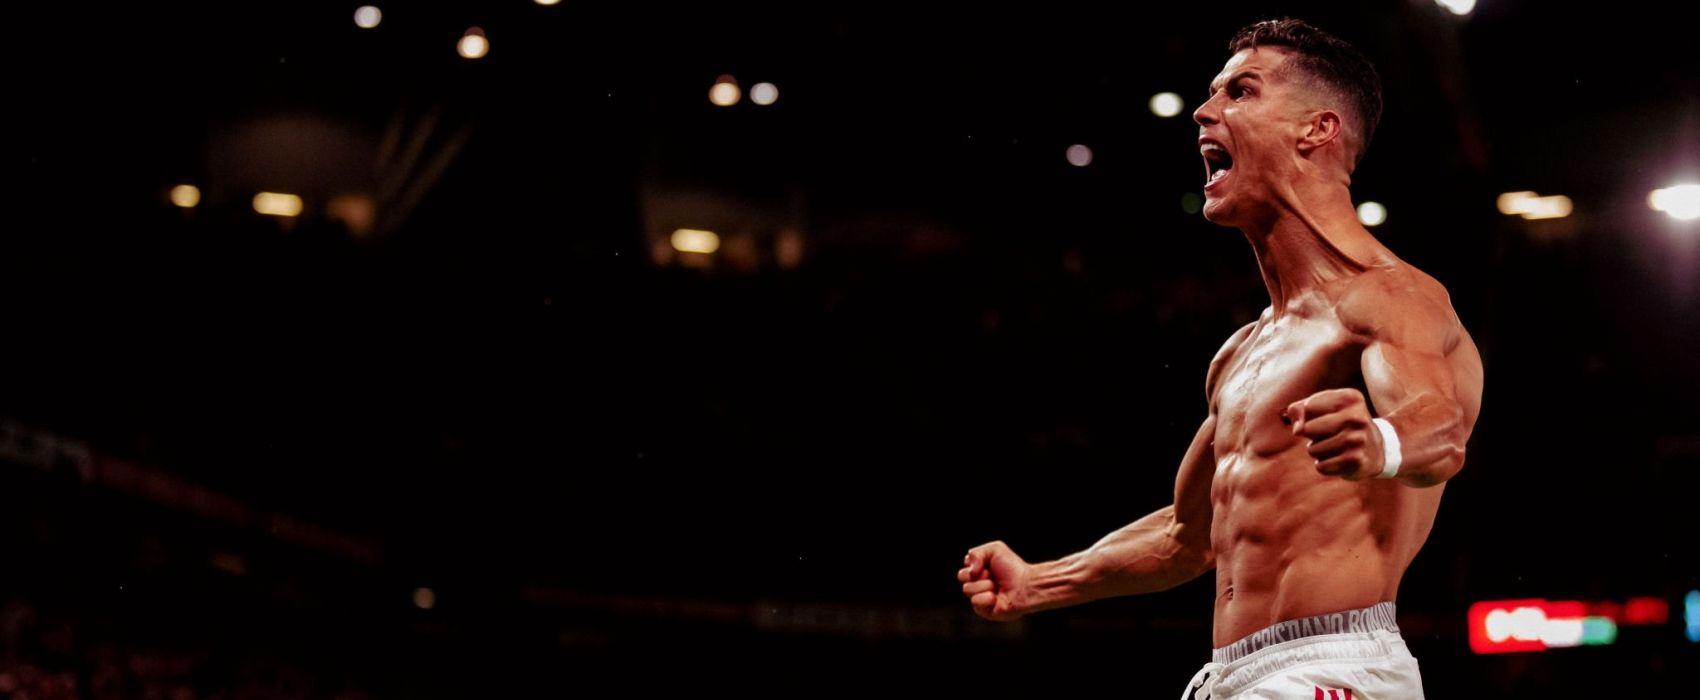 """Cristiano Ronaldo docenił rolę kibiców w zwycięskim meczu z Villarrealem. """"Muszą na nas naciskać przez cały czas""""   ManUtd.pl - Serwis kibiców klubu Manchester United"""